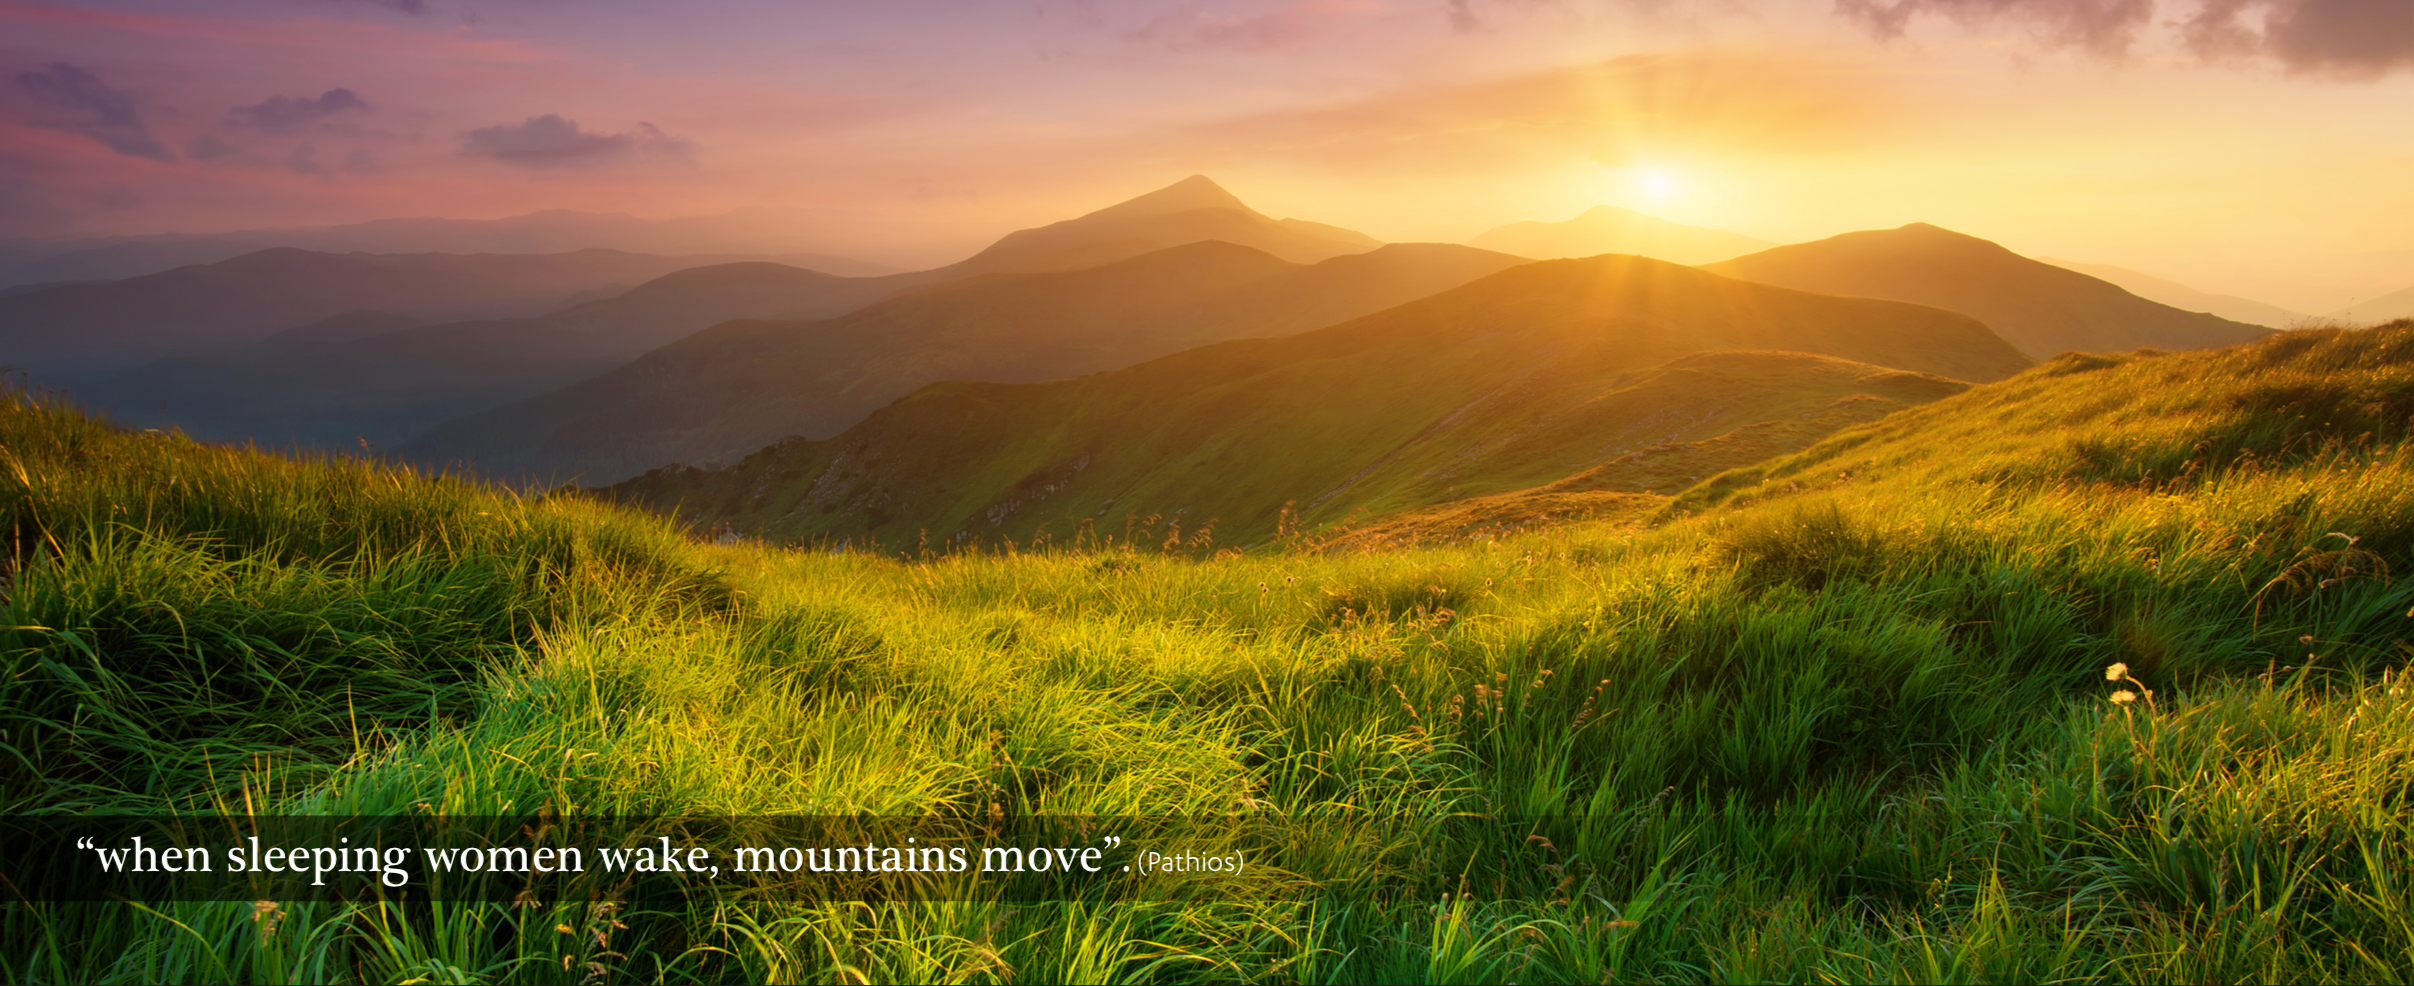 mountain-banner